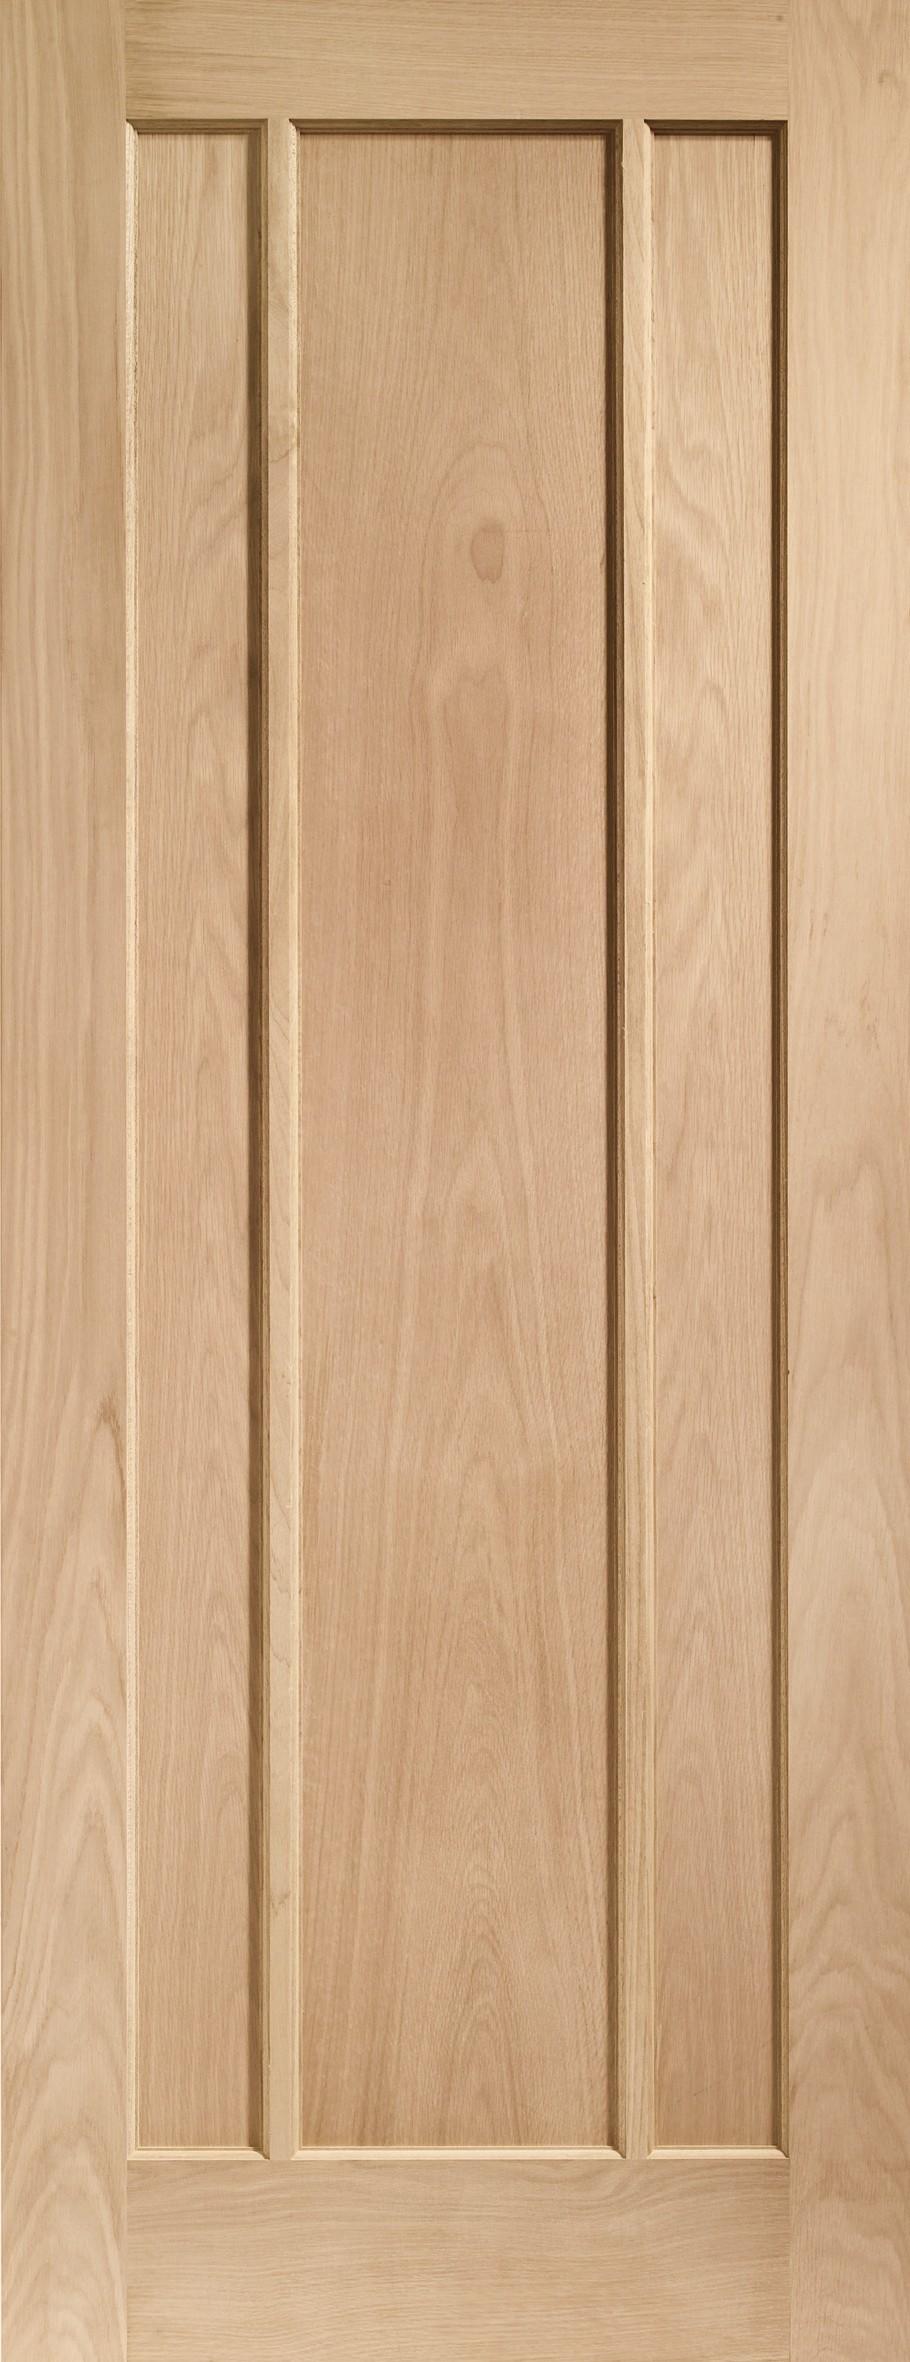 XL JOINERY DOORS -  INTOWOR18  Worcester 3 Panel Internal Oak Door   INTOWOR18